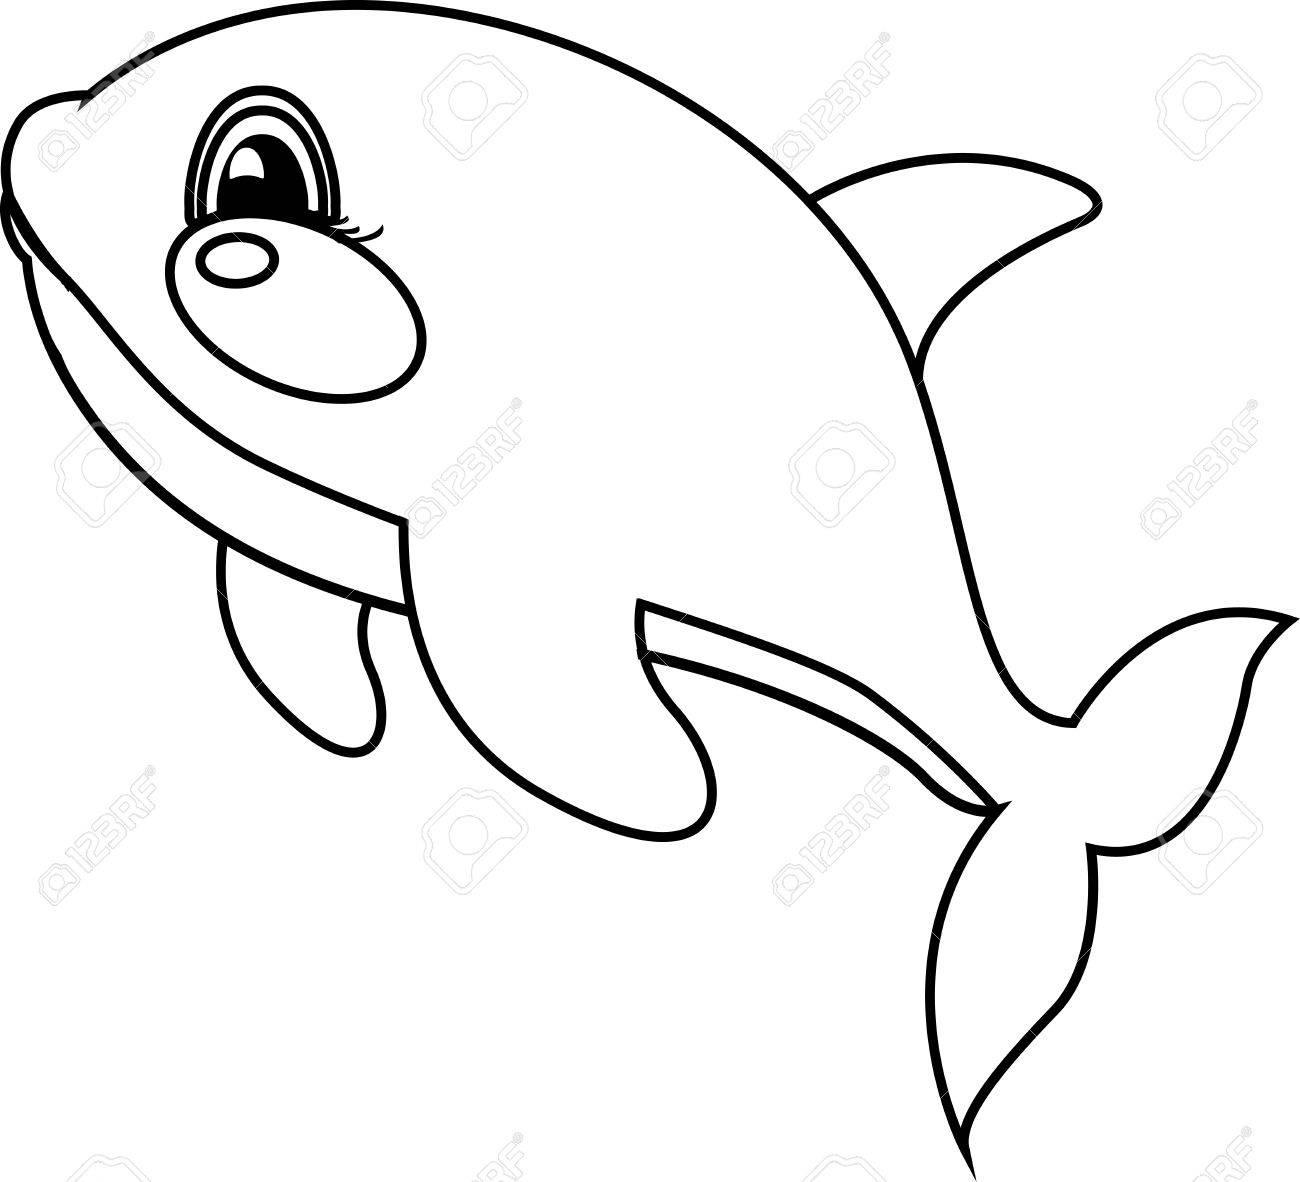 Orca Saltando Fuera Del Agua. Libro De Colorear. Juego Para Los ...